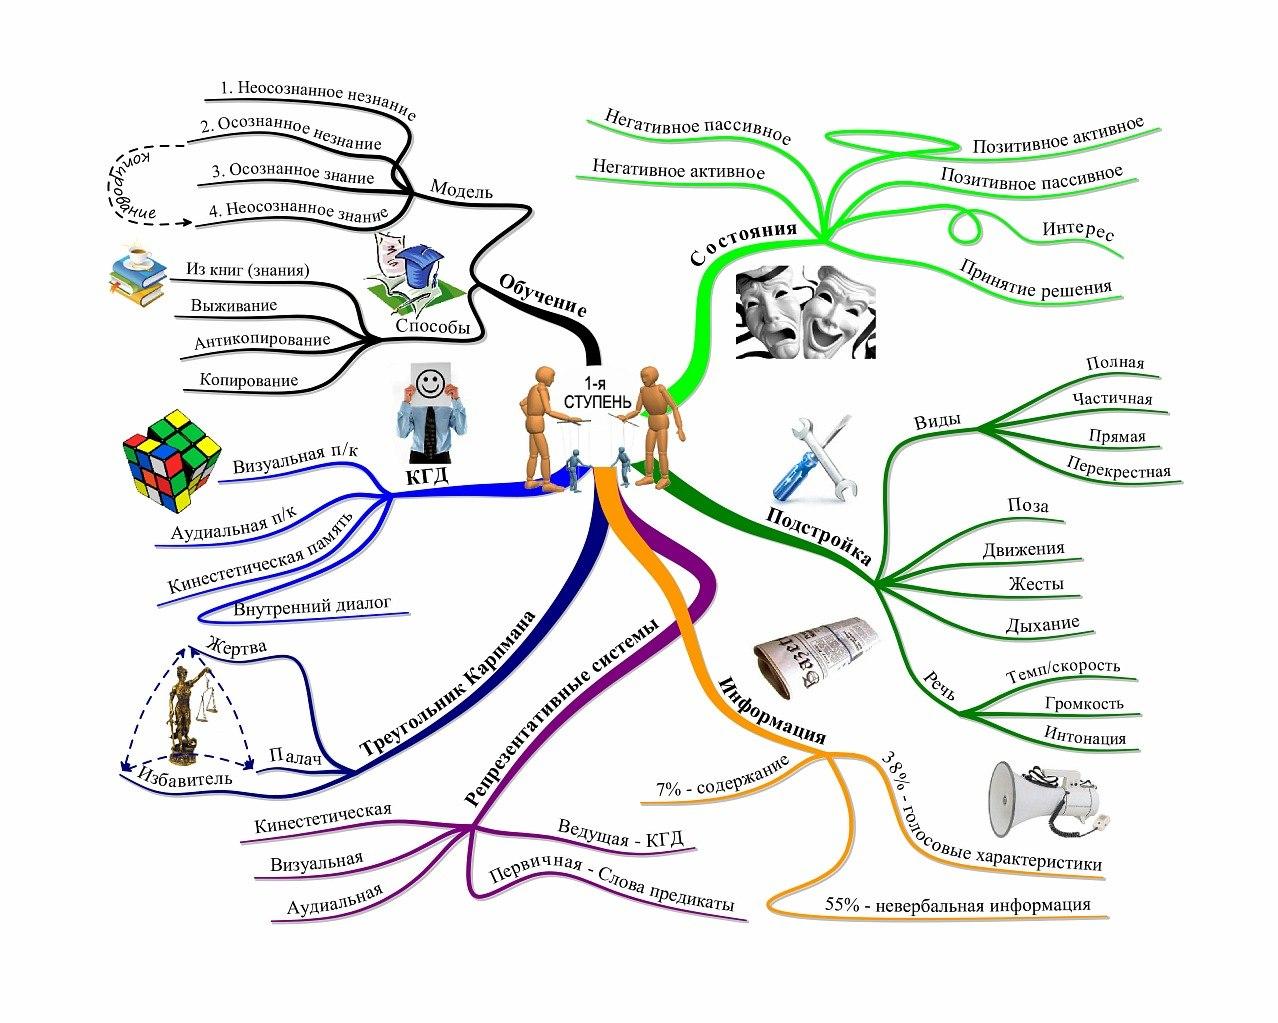 НЛП-Практик, ментальная карта, майндмэп, mind map, Тони Бьюзен